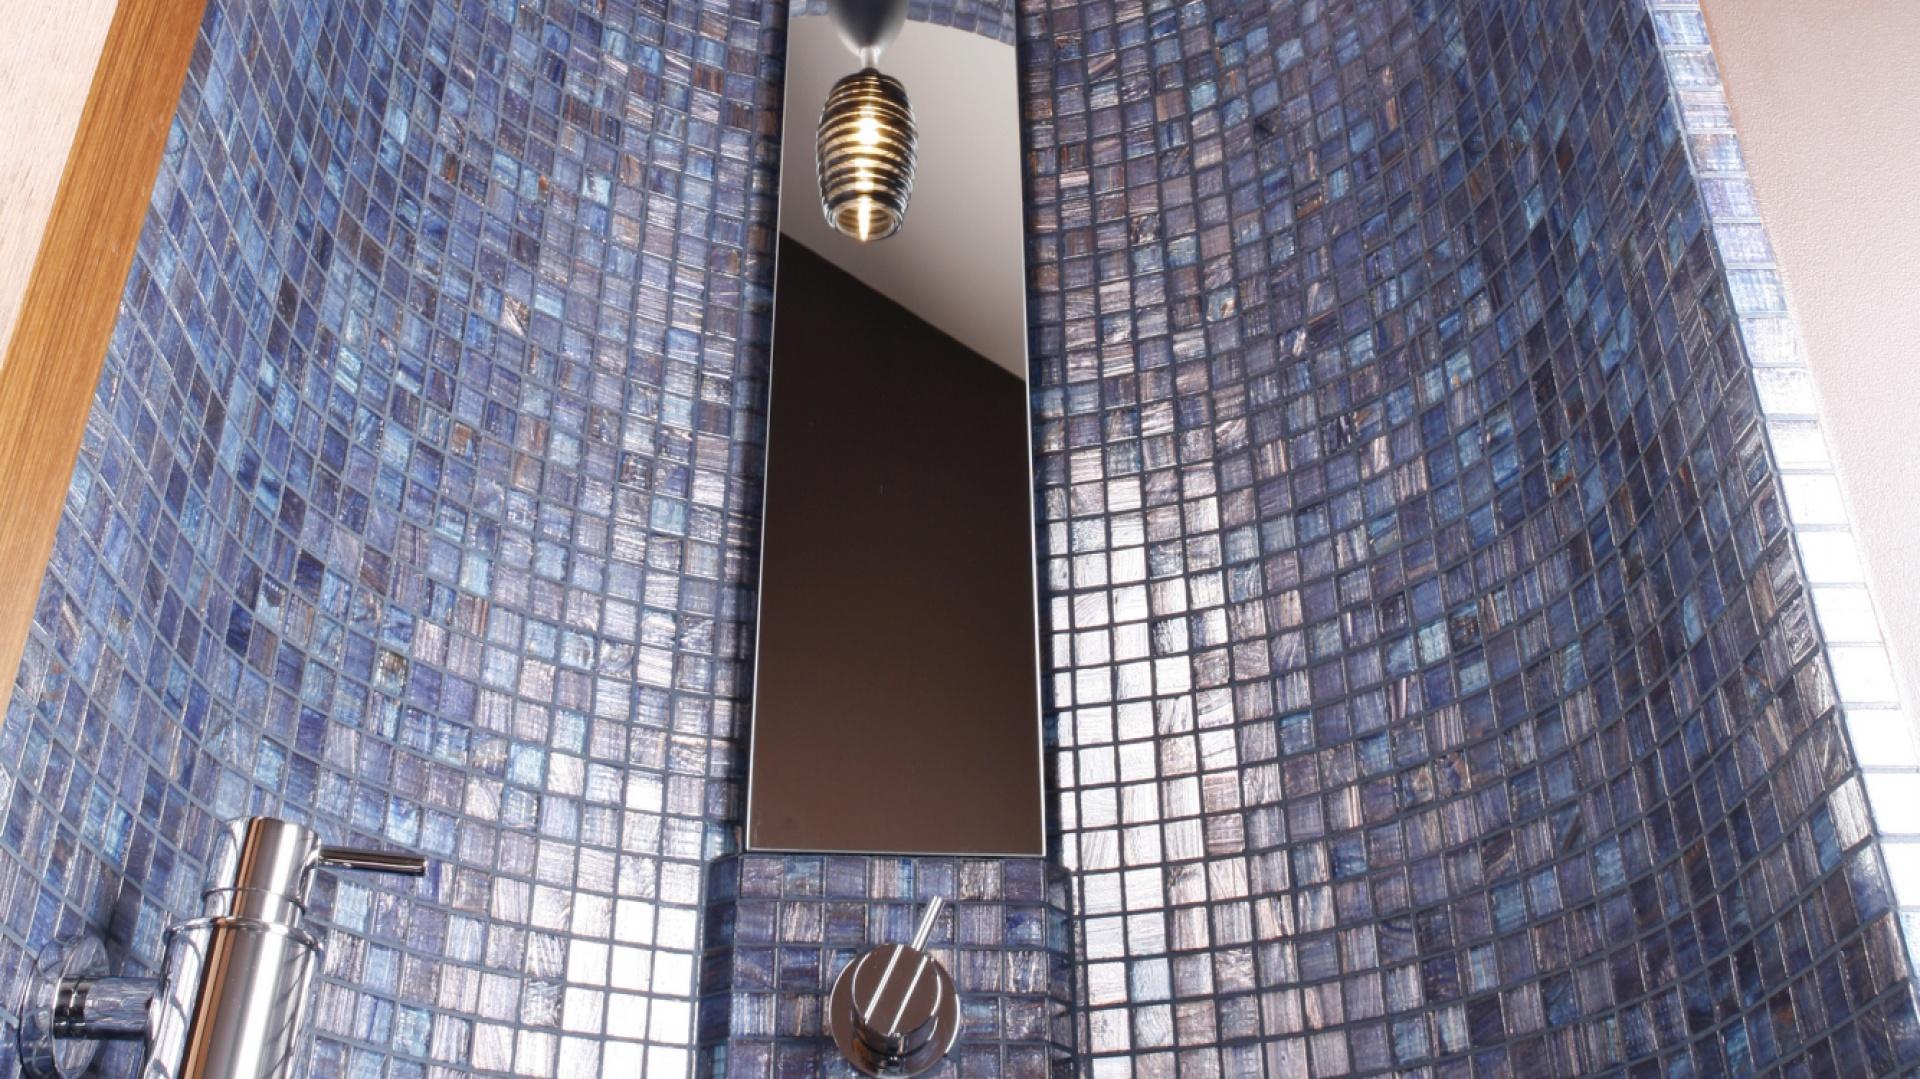 Mieniąca się perłowo szklana mozaika pochodzi z oferty firmy Bisazza. Wykończony nią kolisty wykusz z umywalką, choć stricte nowoczesny, kojarzy się z bizantyjską architekturą. Fot. Bartosz Jarosz.